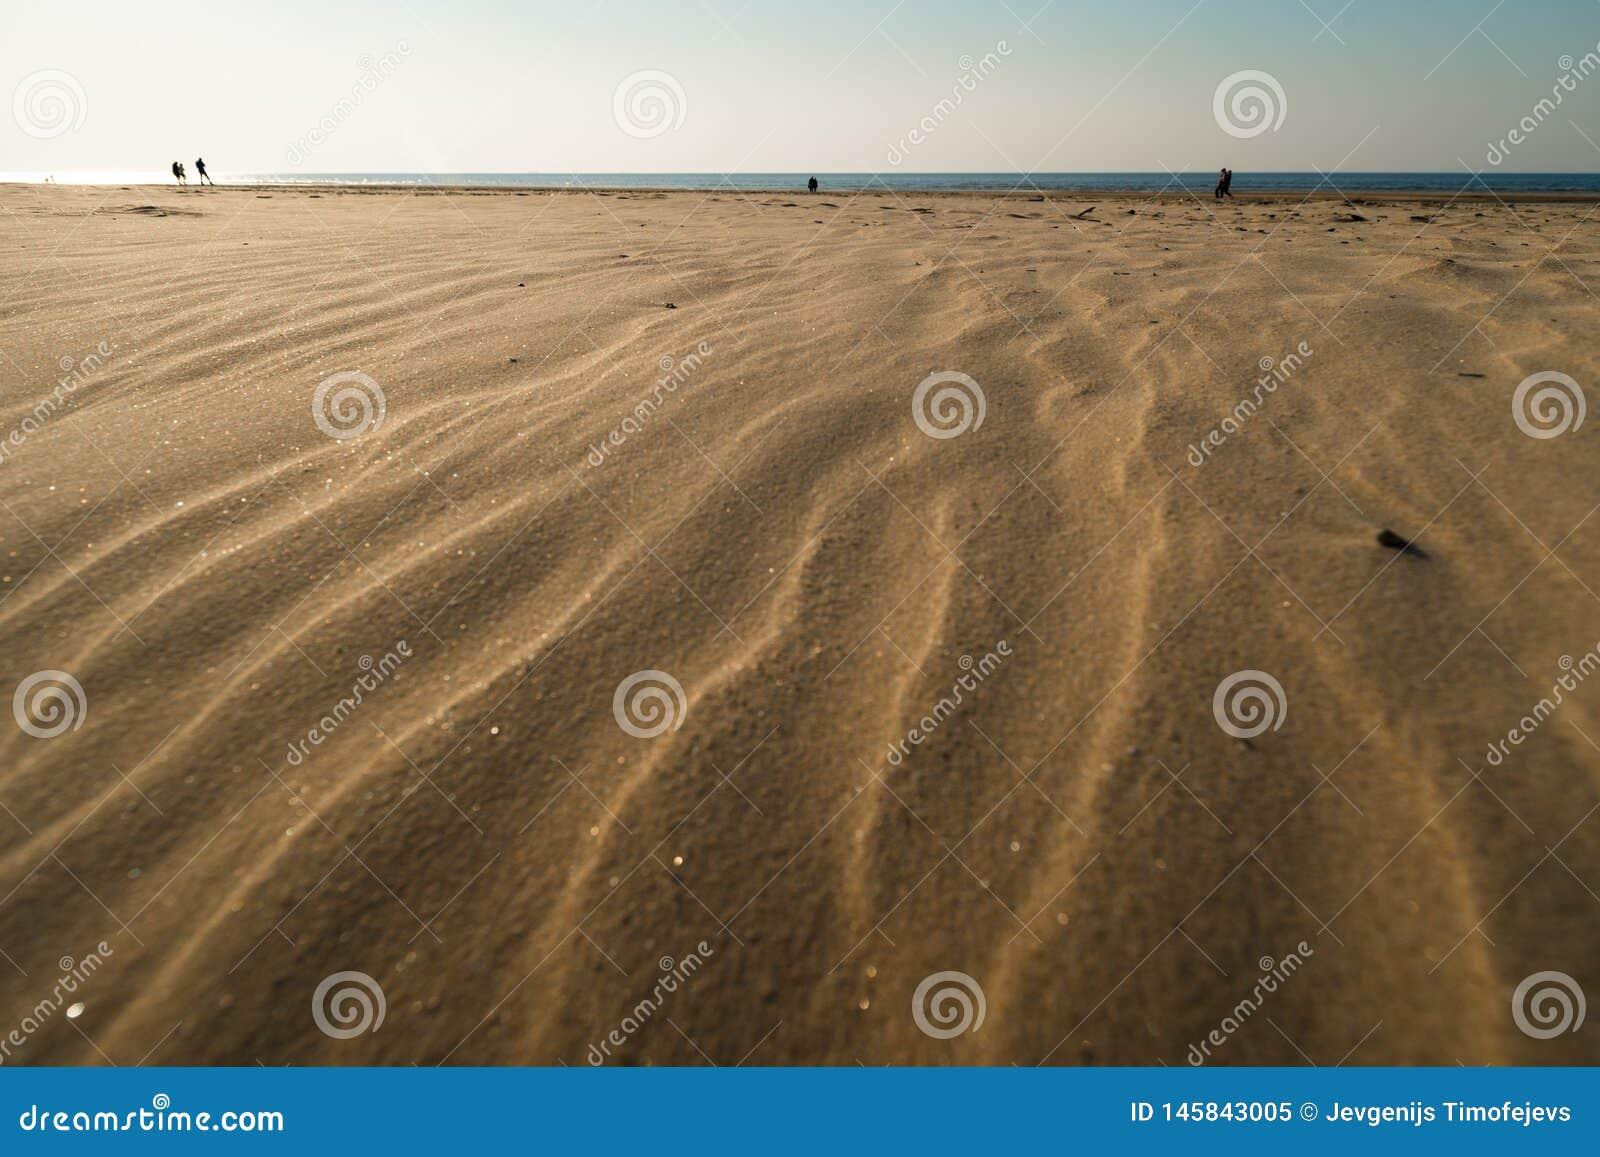 Nachtisch wie strukturierter Sand - Ostseegolfstrand mit wei?em Sand im Sonnenuntergang